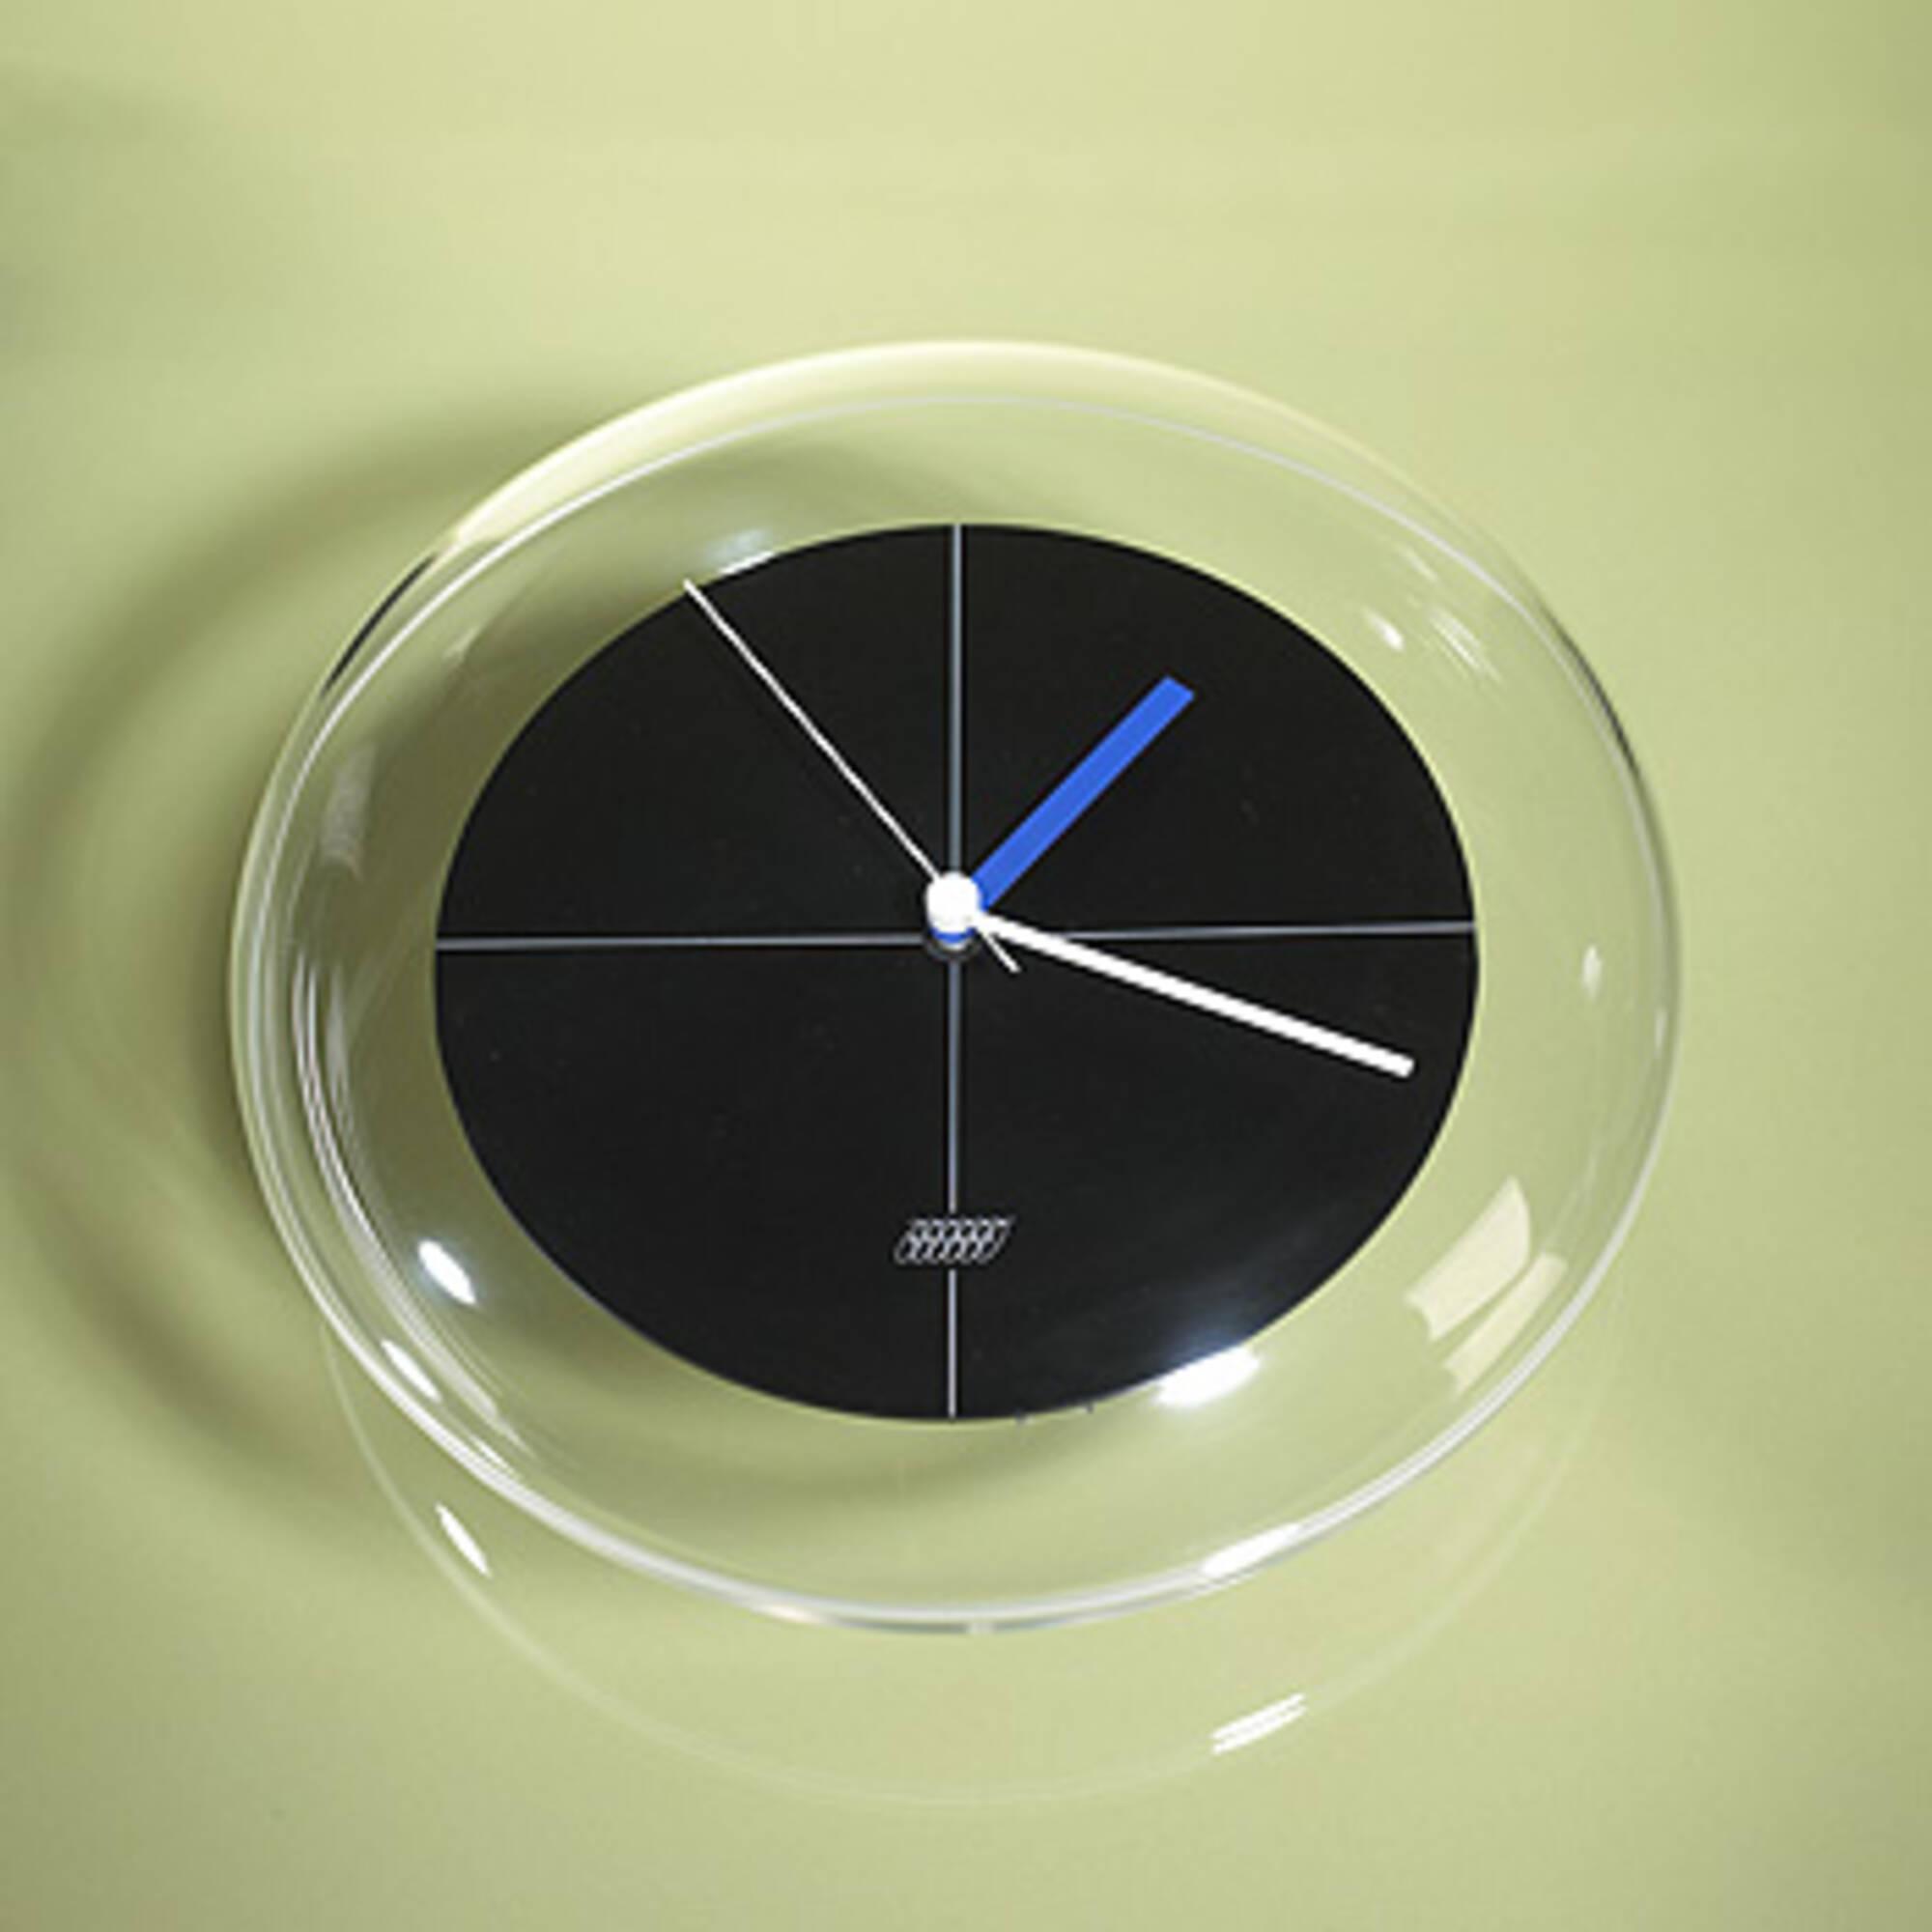 197 Shiro Kuramata Wall Clock 2081 2